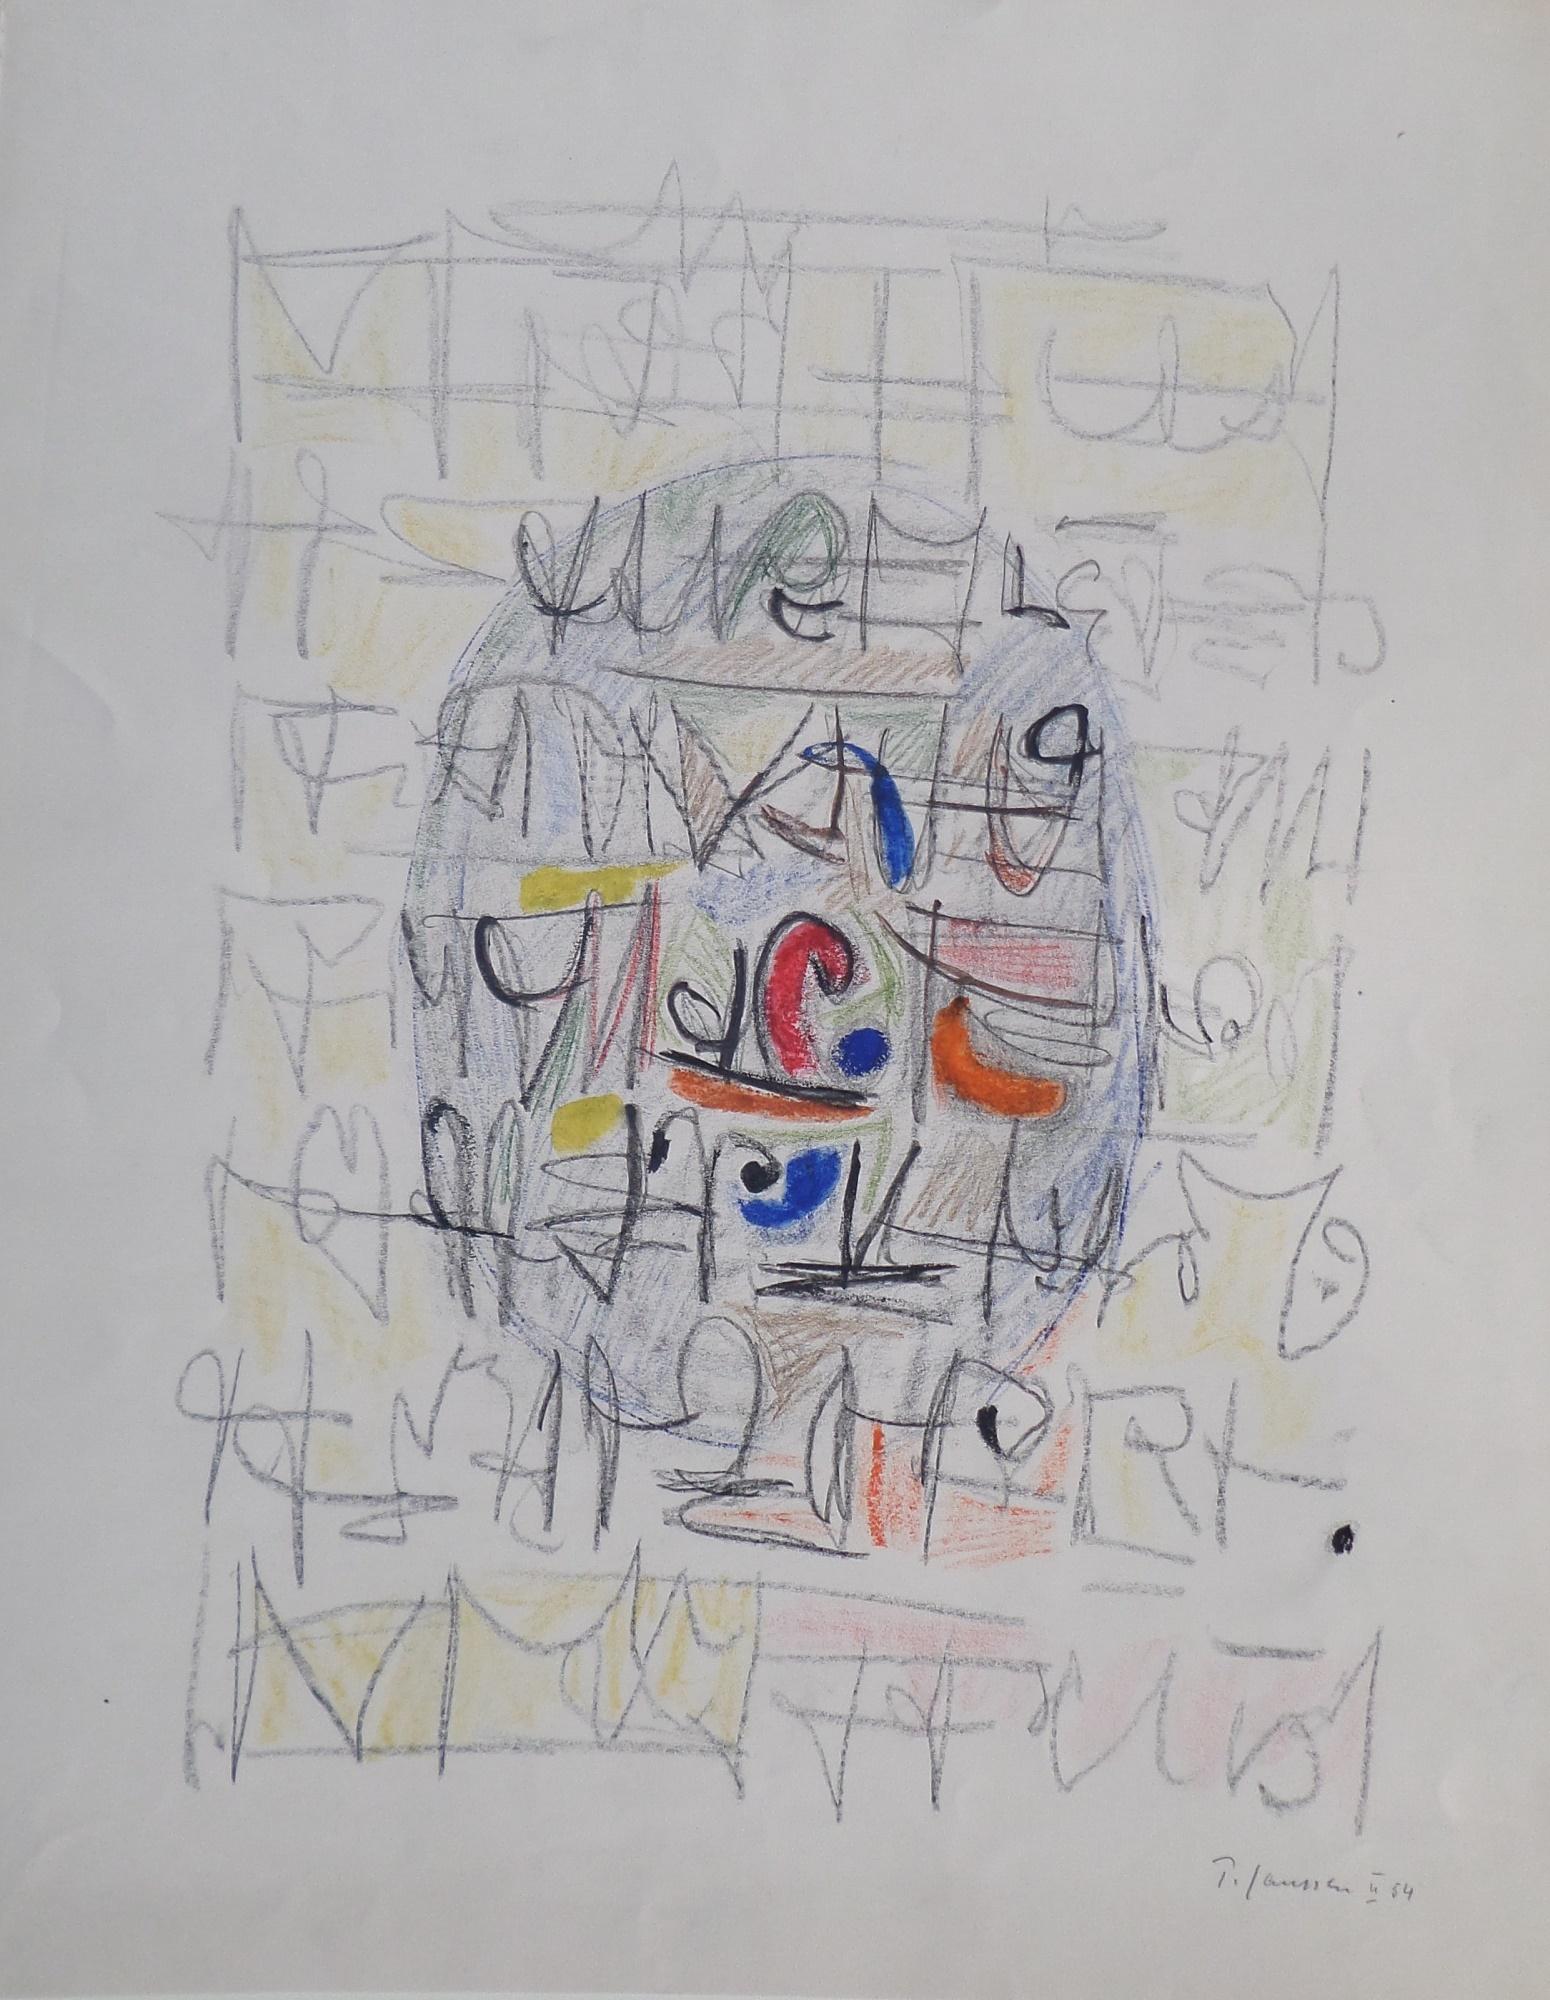 Komposition, Zeichnung von Peter Janssen, für vergrößerte Ansicht bitte anklicken!